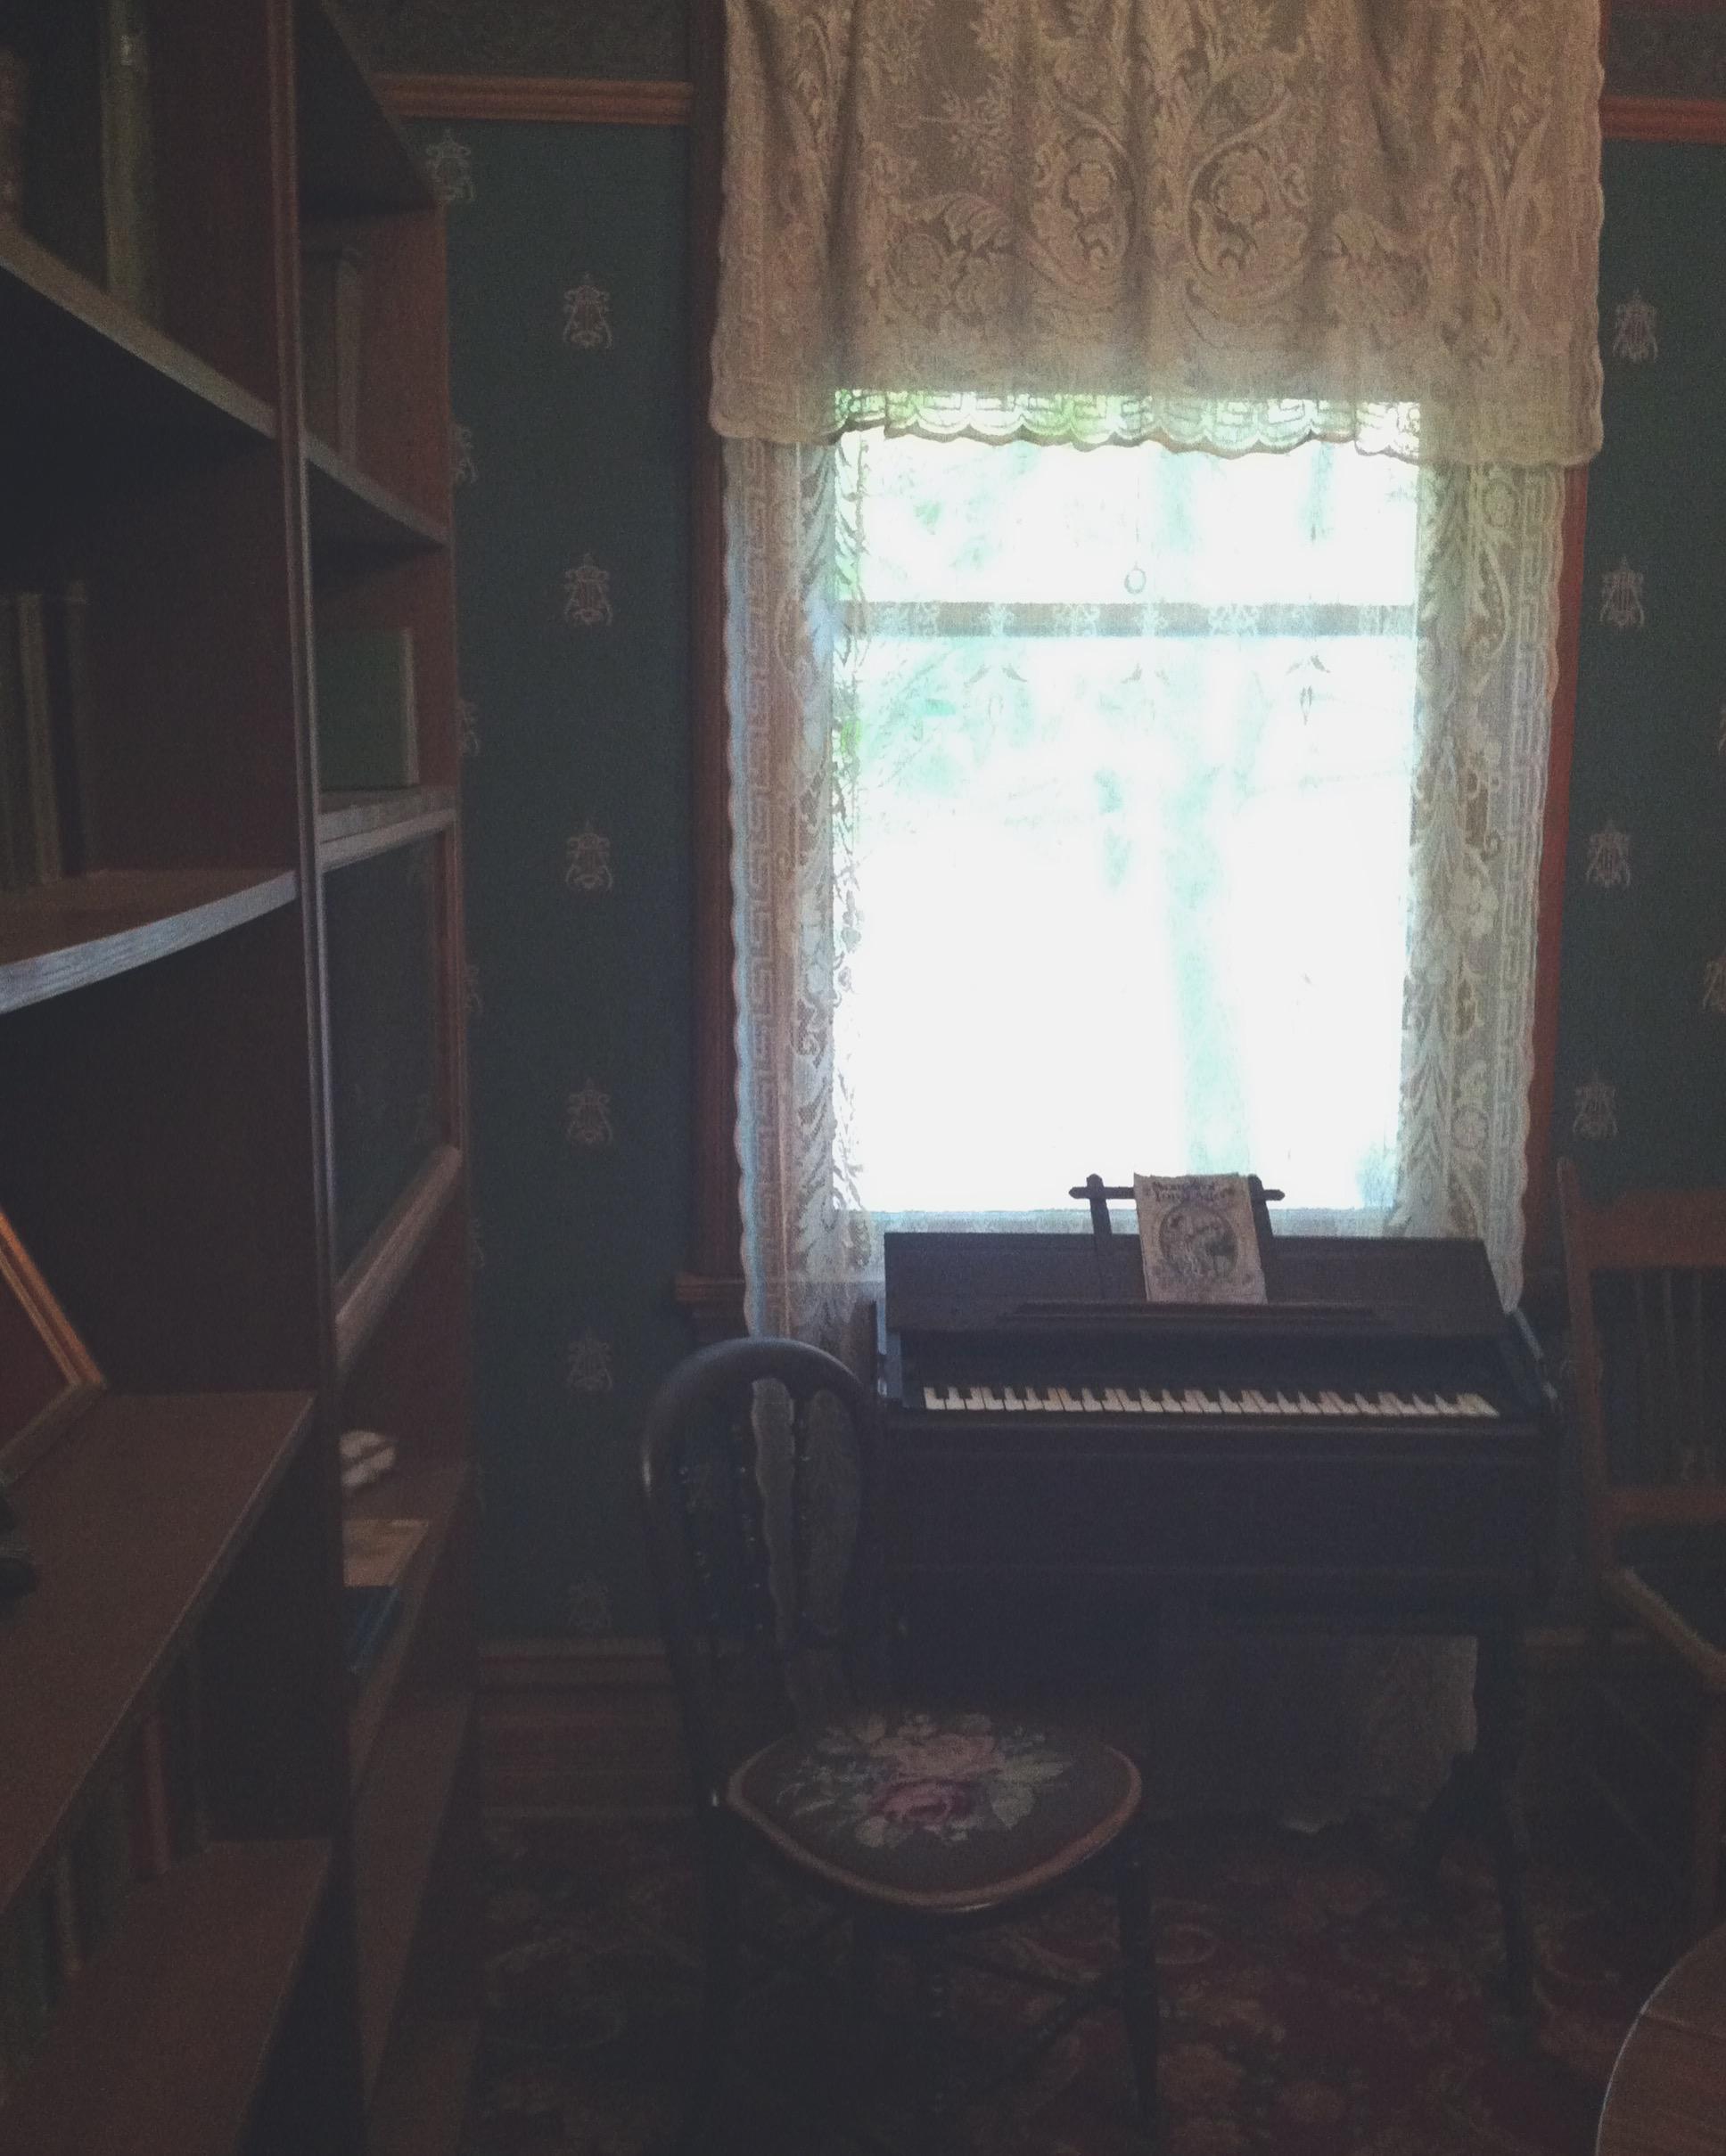 Hemingway's study.